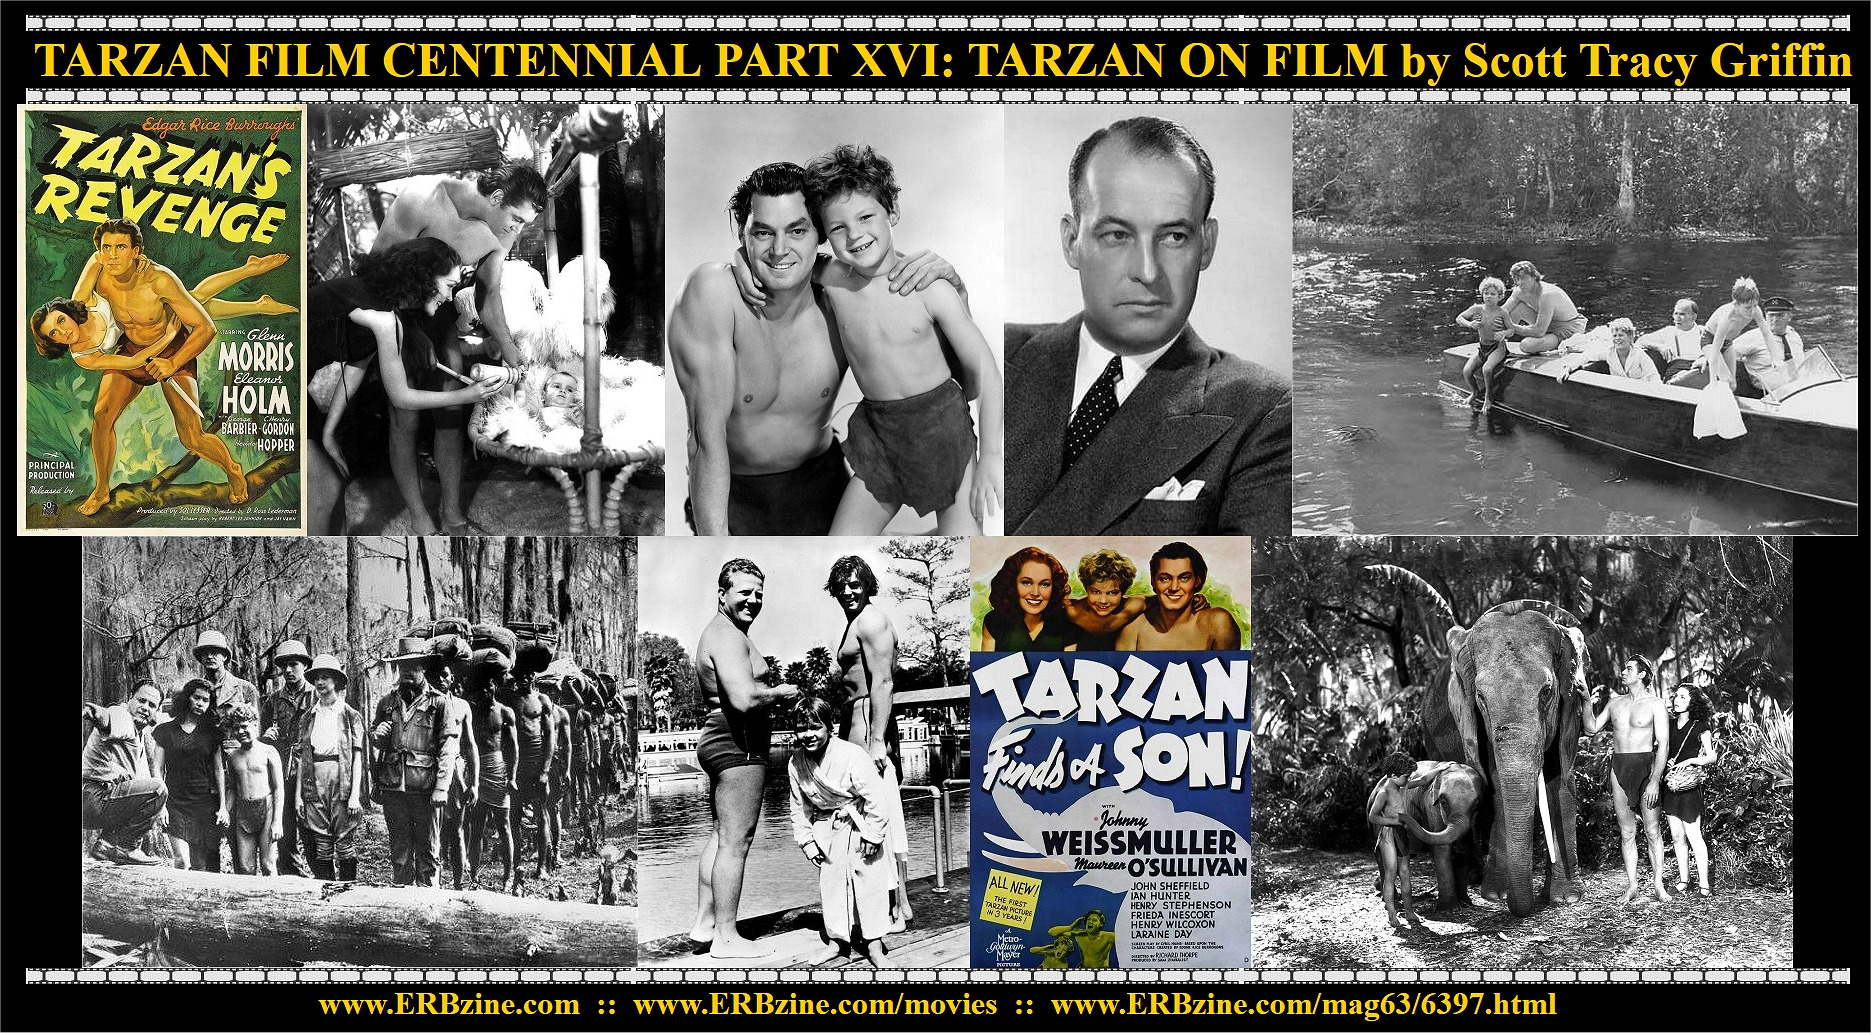 Tarzan movie part 3